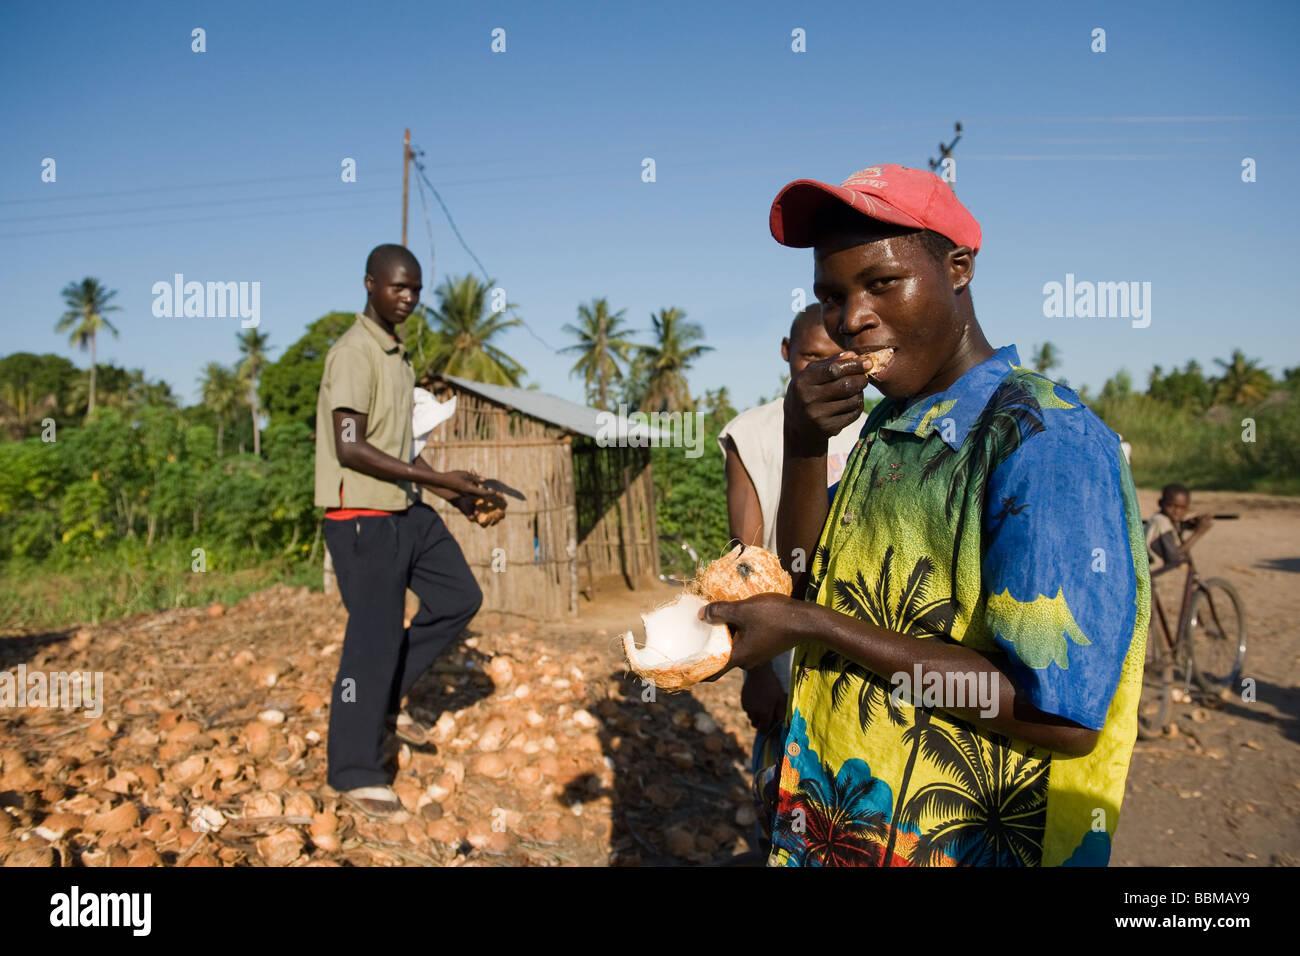 A man eats a fresh coconut Quelimane Mozambique - Stock Image